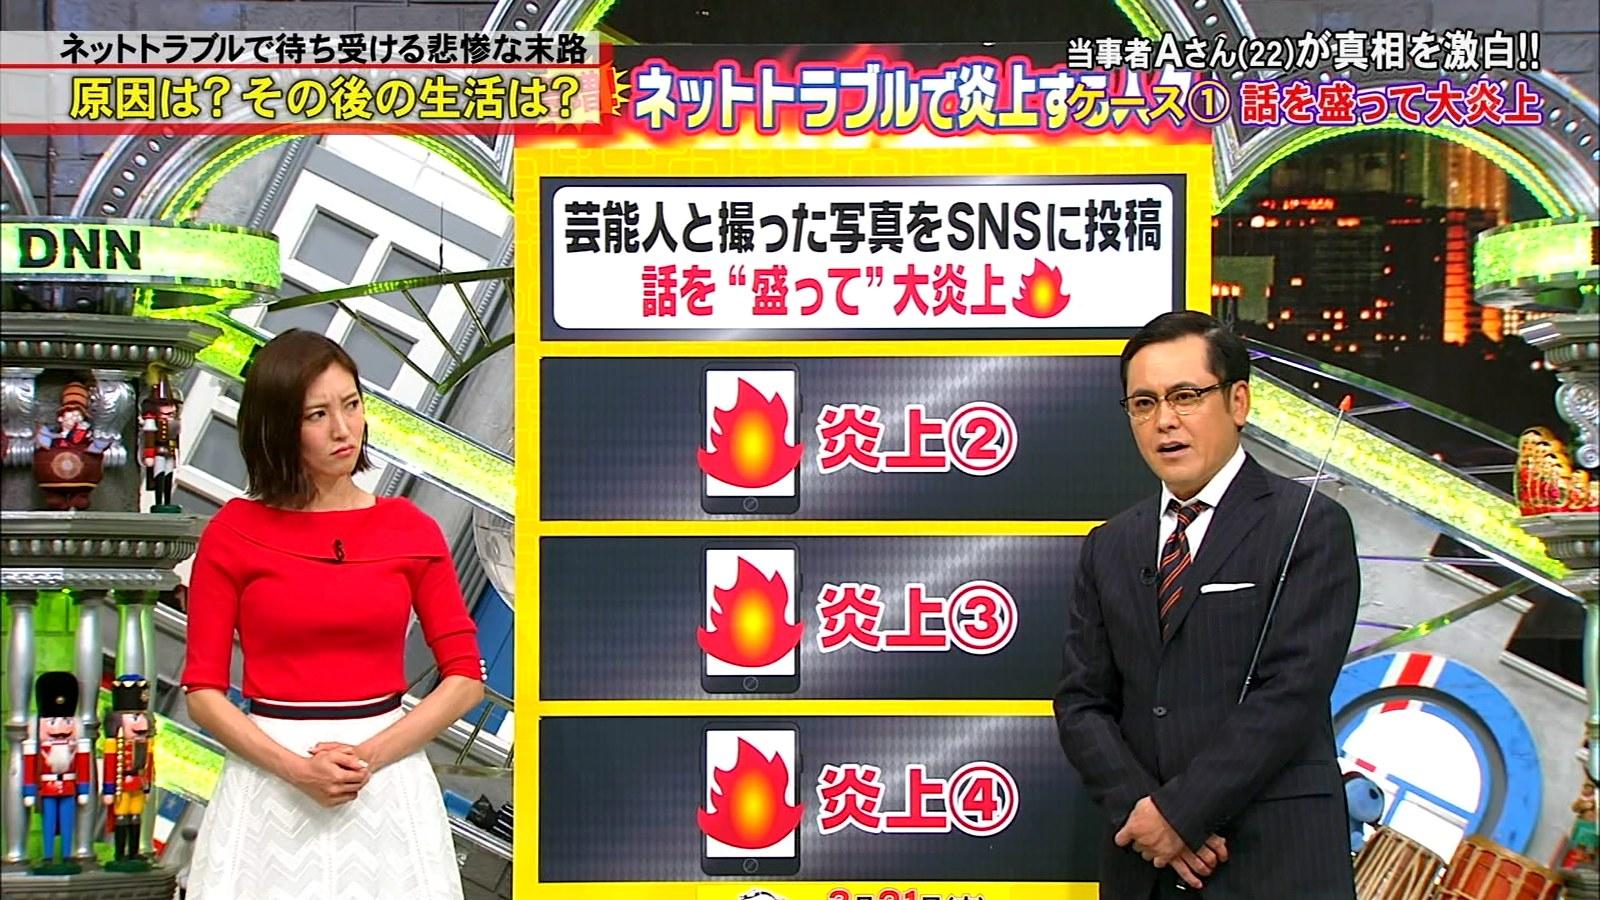 2019年3月15日「全力!脱力タイムズ」小澤陽子さんのテレビキャプチャー画像-006